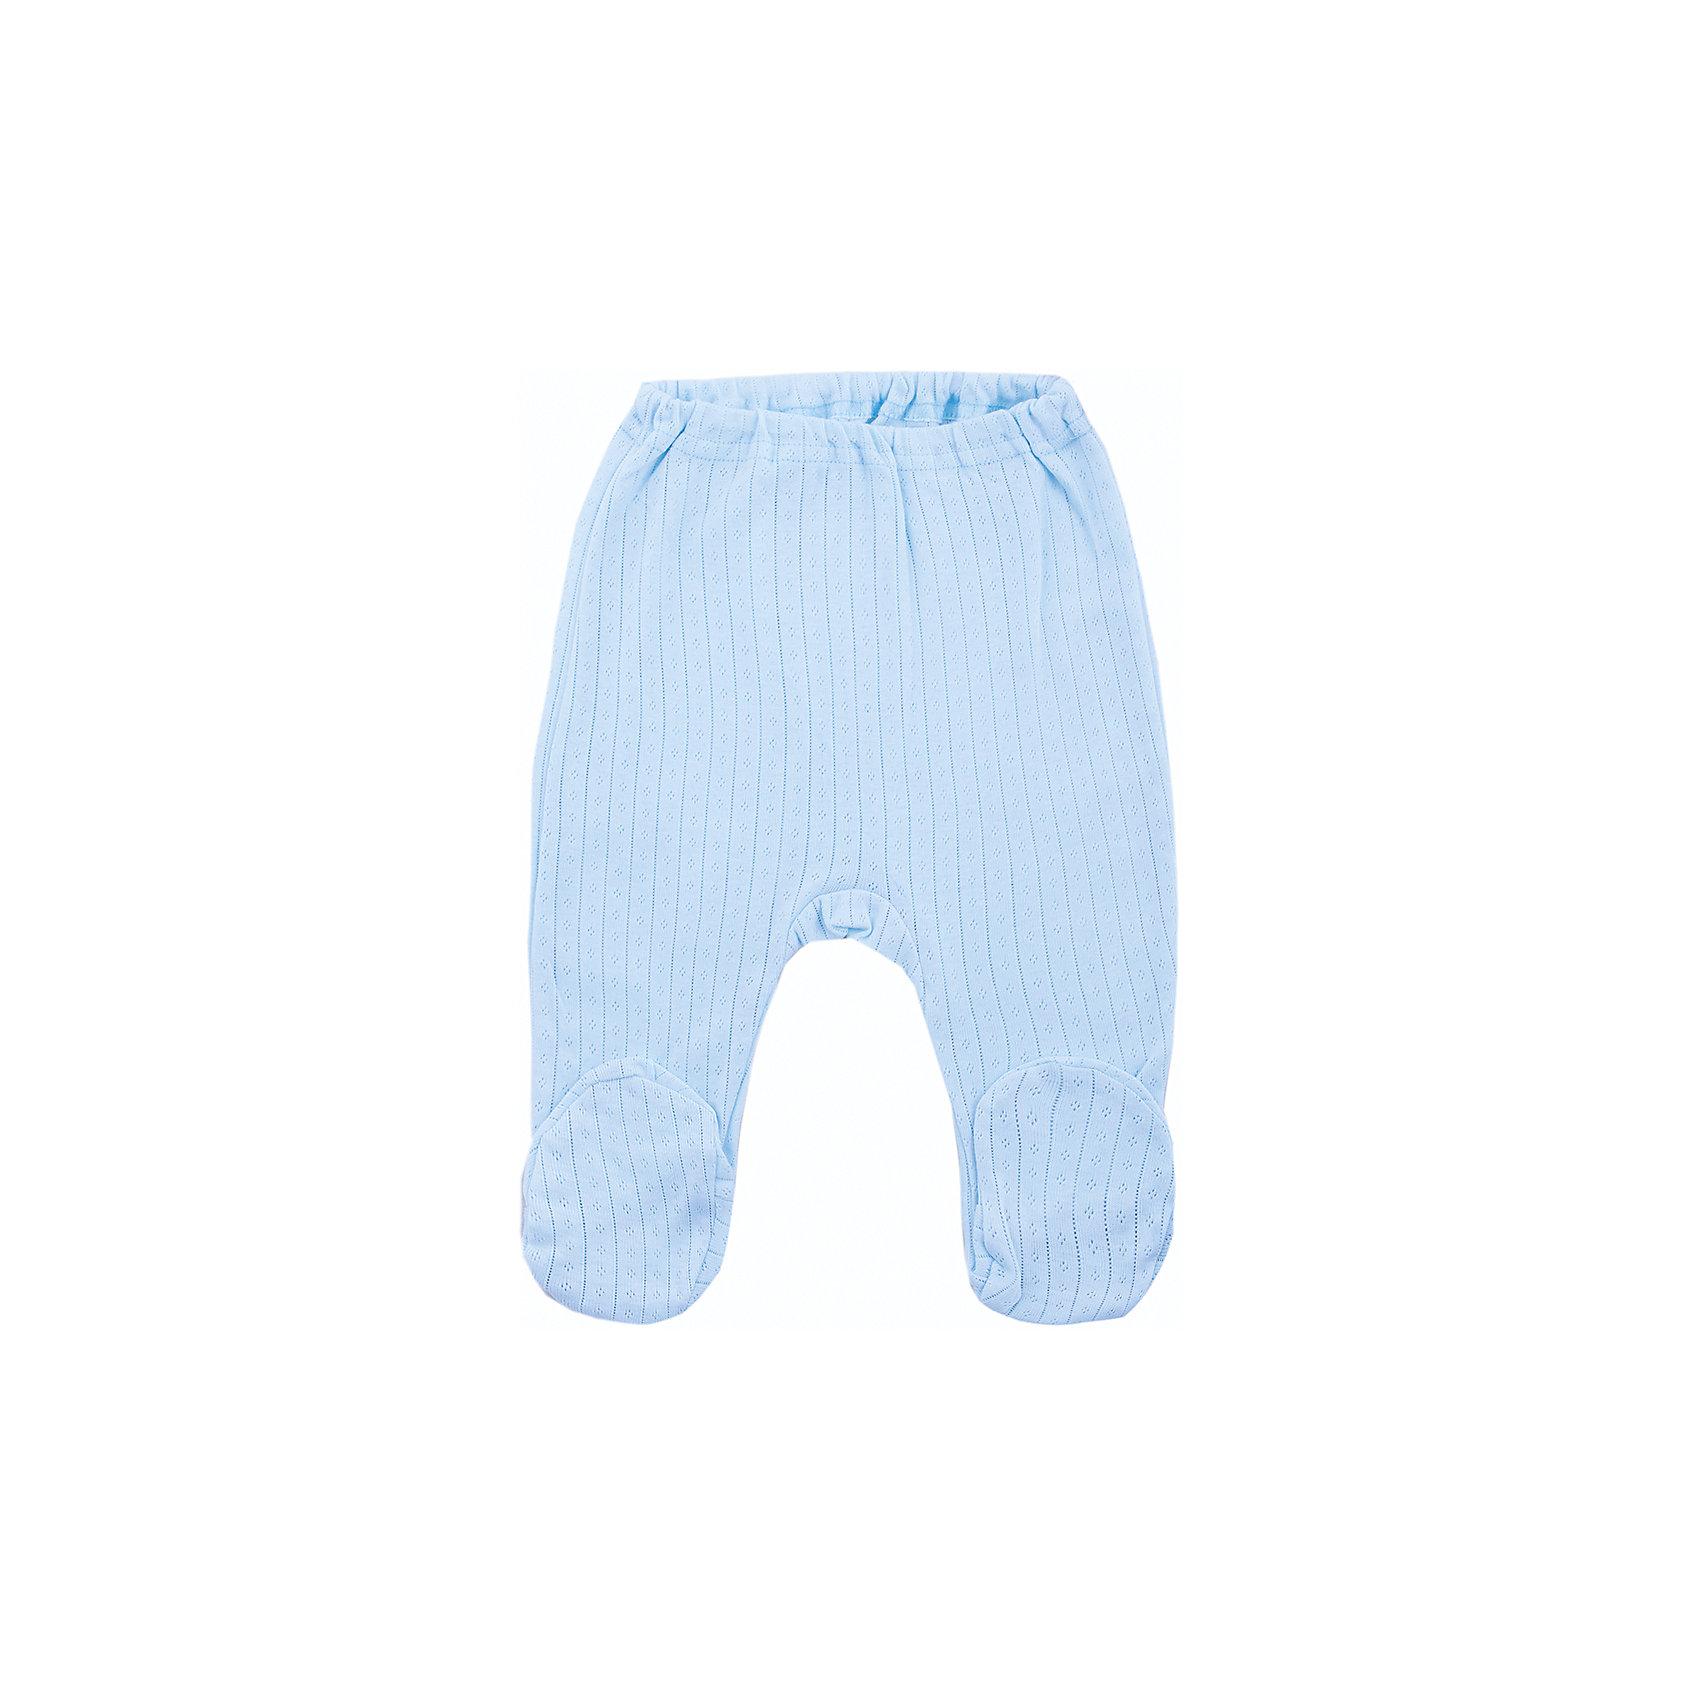 Ползунки для мальчика Soni KidsПолзунки и штанишки<br>Ползунки для мальчика от популярной марки Soni Kids<br><br>Симпатичные удобные ползунки созданы специально для самых маленьких. Они обеспечат ребенку удобство, не будут натирать,  а также позволят коже дышать.<br><br>Особенности модели:<br><br>- цвет - голубой;<br>- материал - натуральный ажурный хлопок-рибана;<br>- швы наружу;<br>- мягкая окантовка;<br>- пояс  - мягкая резинка.<br><br>Дополнительная информация:<br><br>Состав: 100% хлопок (рибана)<br><br>Габариты:<br><br>длина от пояса до пятки - 38 см.<br><br>*соответствует размеру 62<br><br>Ползунки для мальчика от популярной марки Soni Kids (Сони Кидс) можно купить в нашем магазине.<br><br>Ширина мм: 157<br>Глубина мм: 13<br>Высота мм: 119<br>Вес г: 200<br>Цвет: голубой<br>Возраст от месяцев: 3<br>Возраст до месяцев: 6<br>Пол: Мужской<br>Возраст: Детский<br>Размер: 68,56,74,62<br>SKU: 4323297